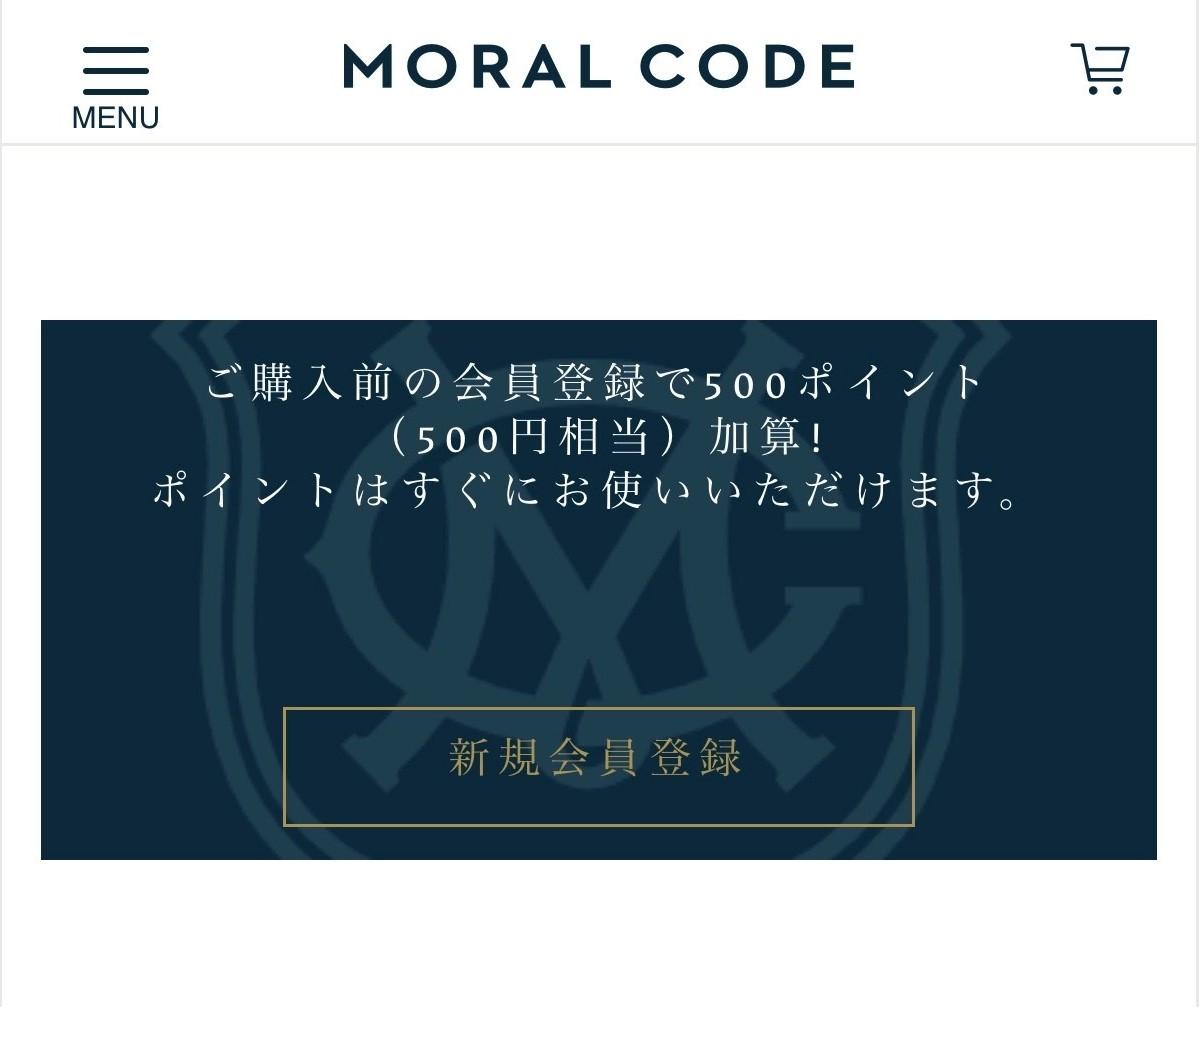 モラルコード新規会員登録